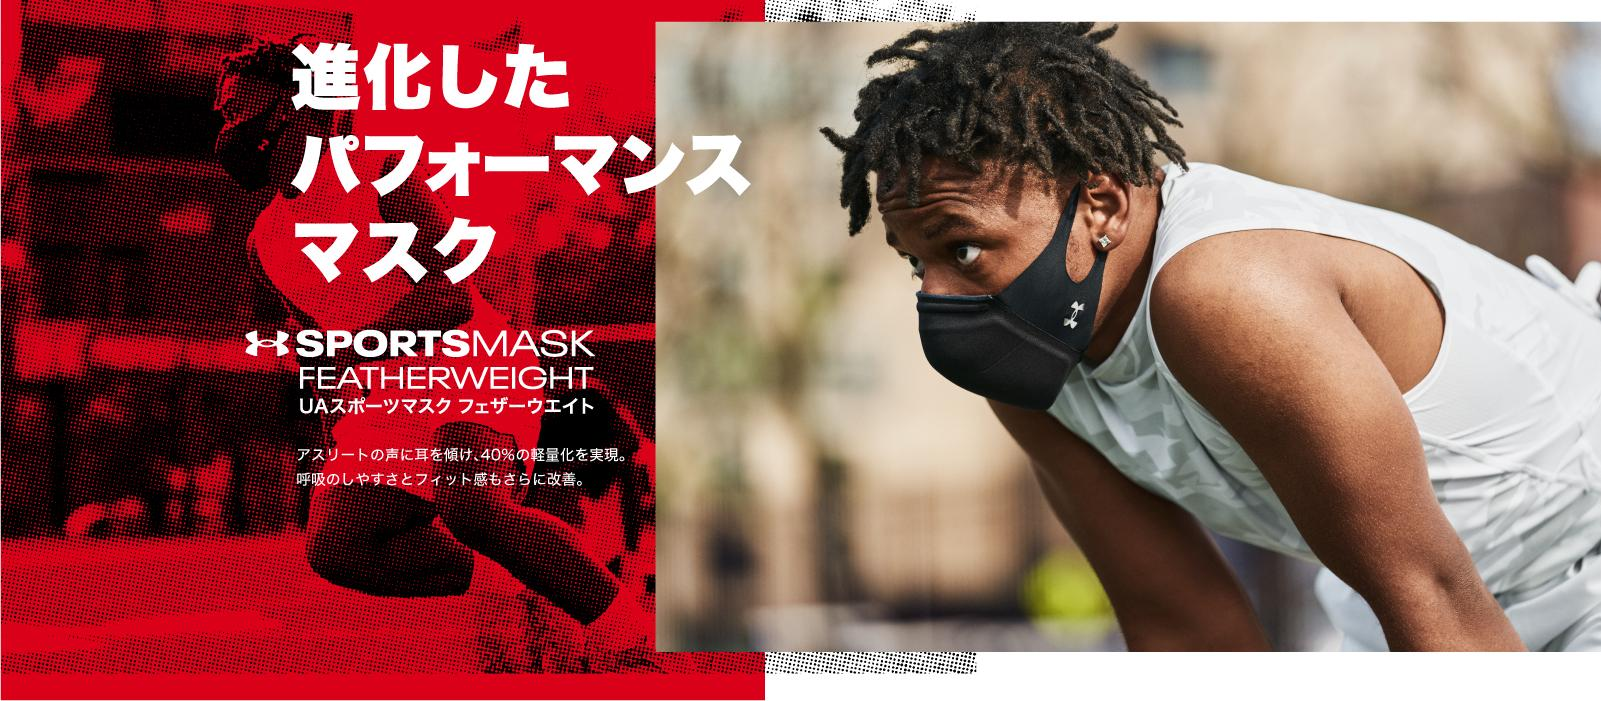 スポーツマスクv2トップ画像